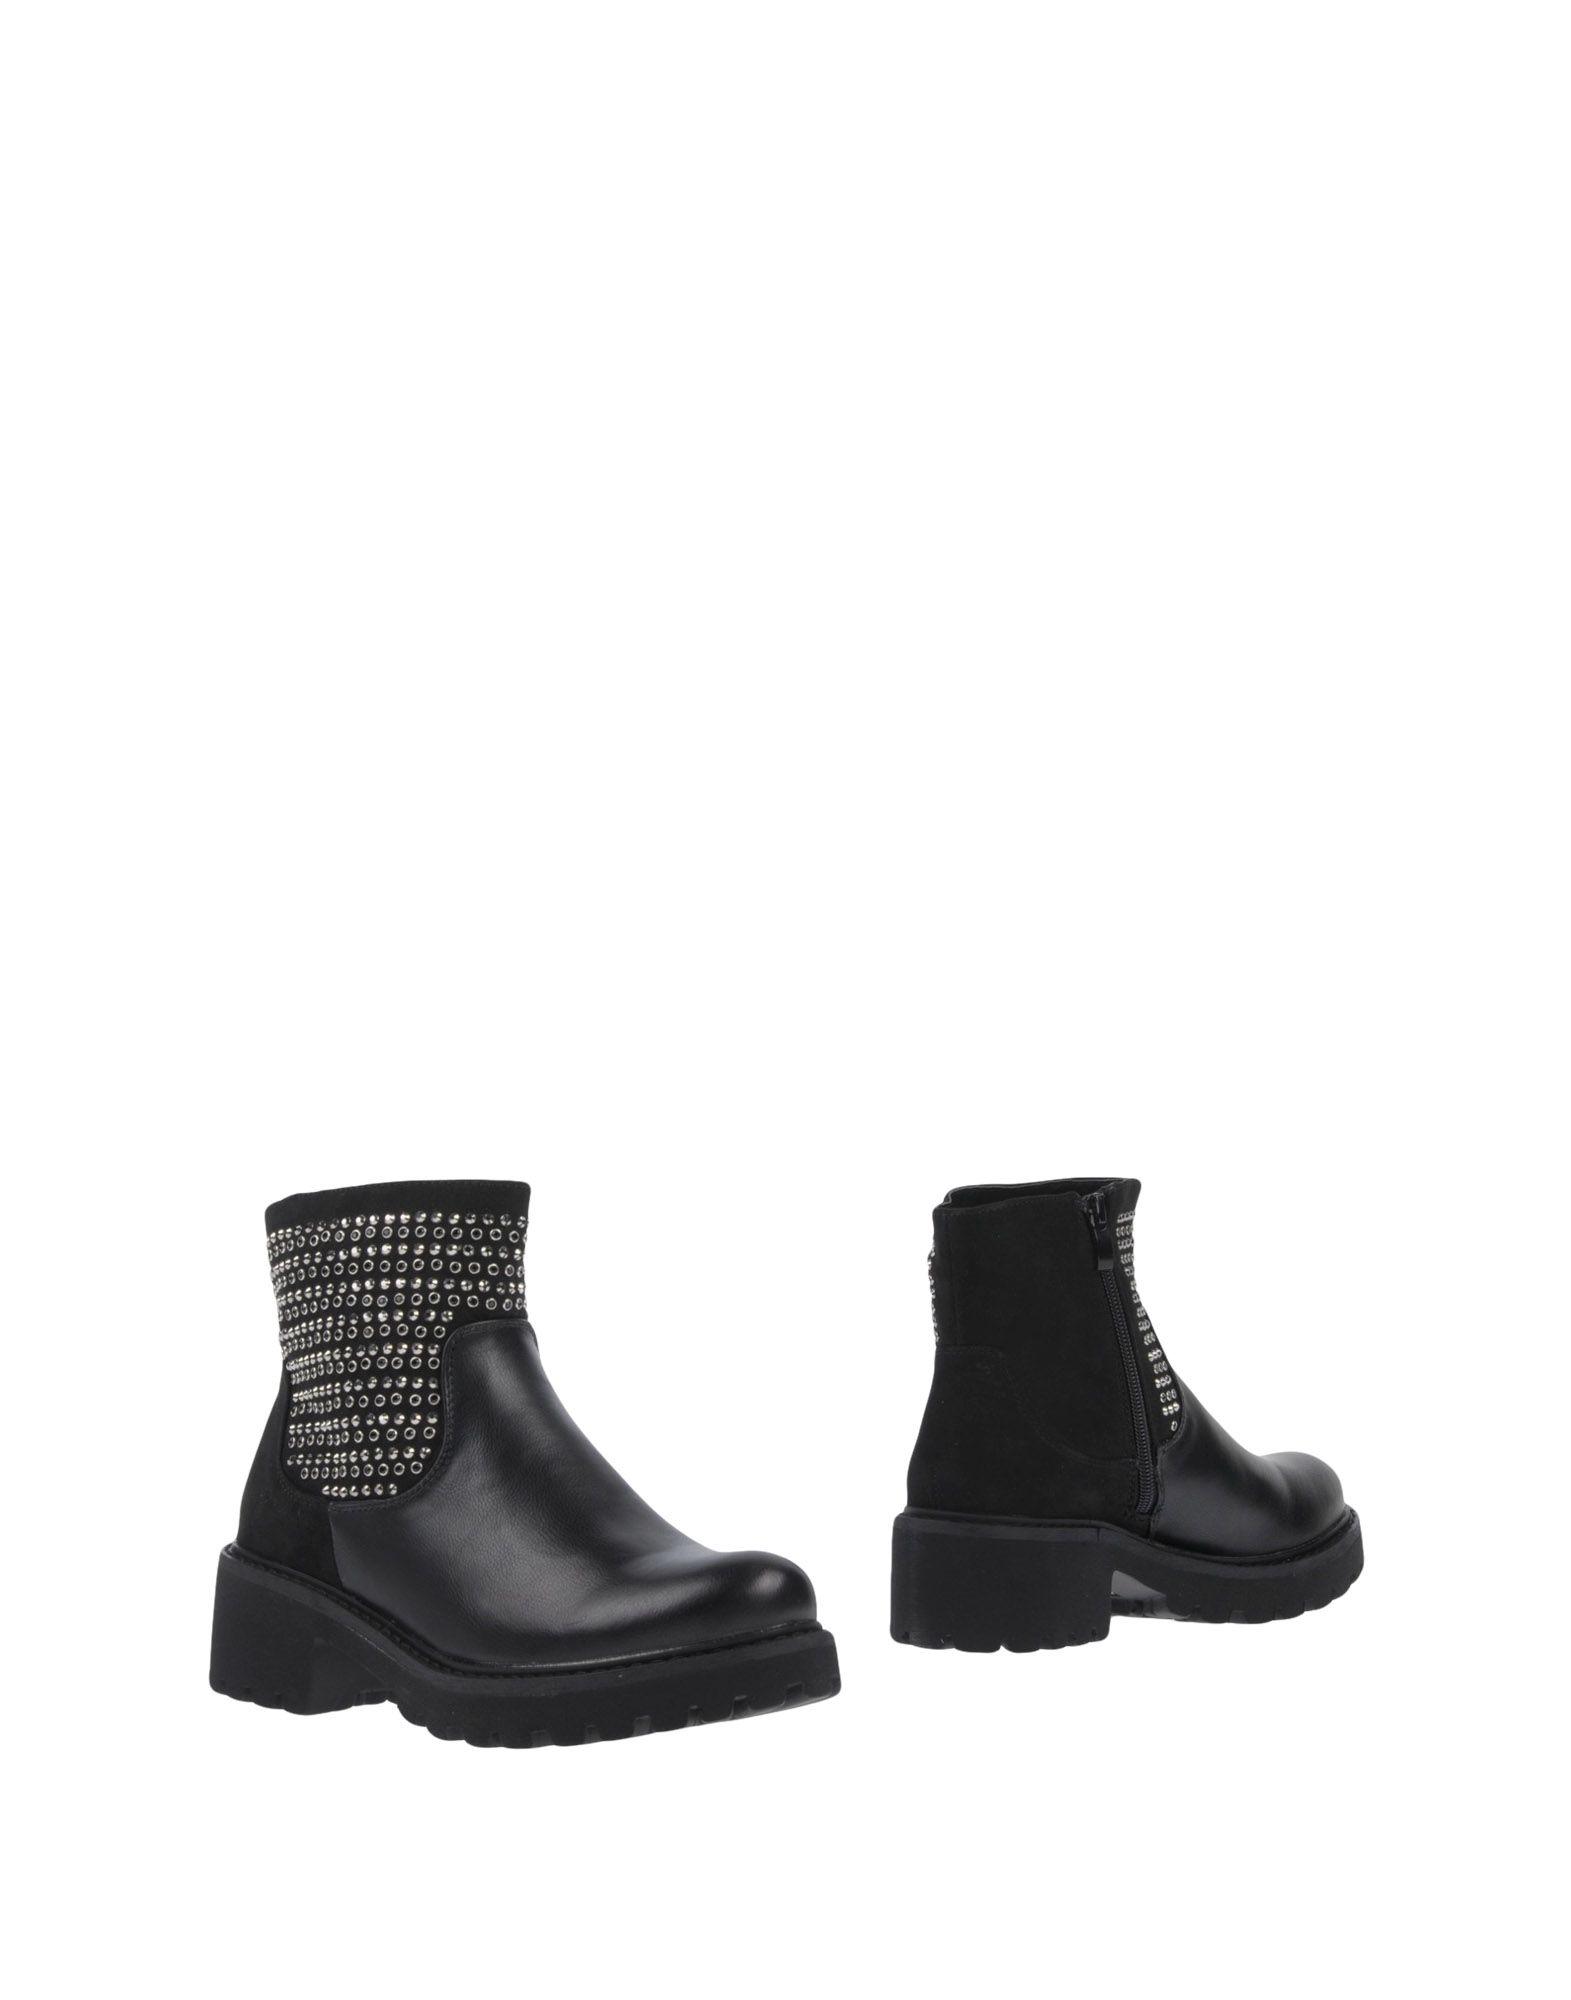 KHARISMA Полусапоги и высокие ботинки nicola sexton полусапоги и высокие ботинки